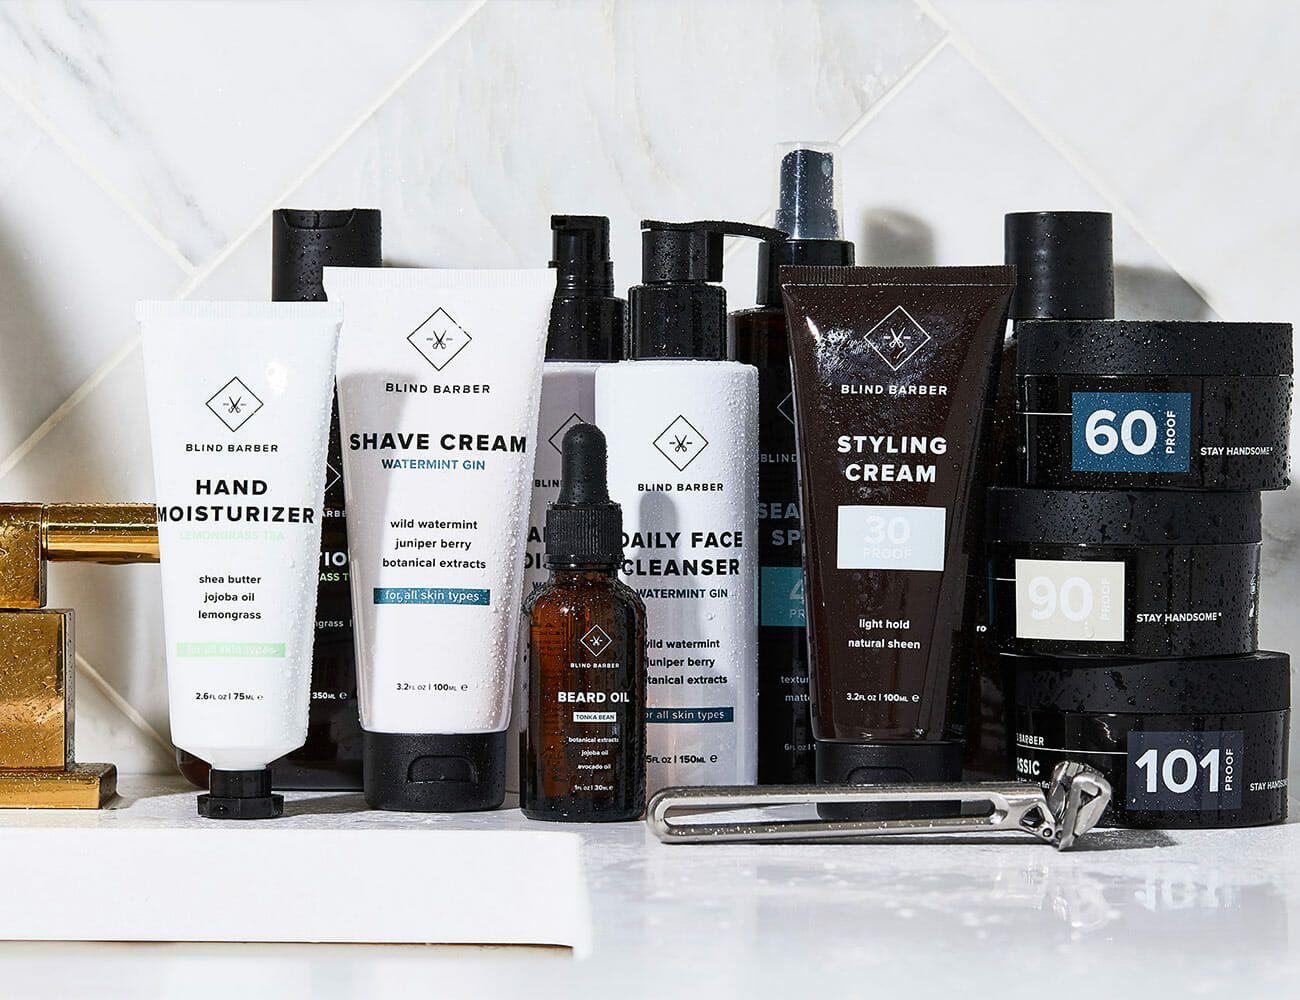 Blind Barber Grooming supplies